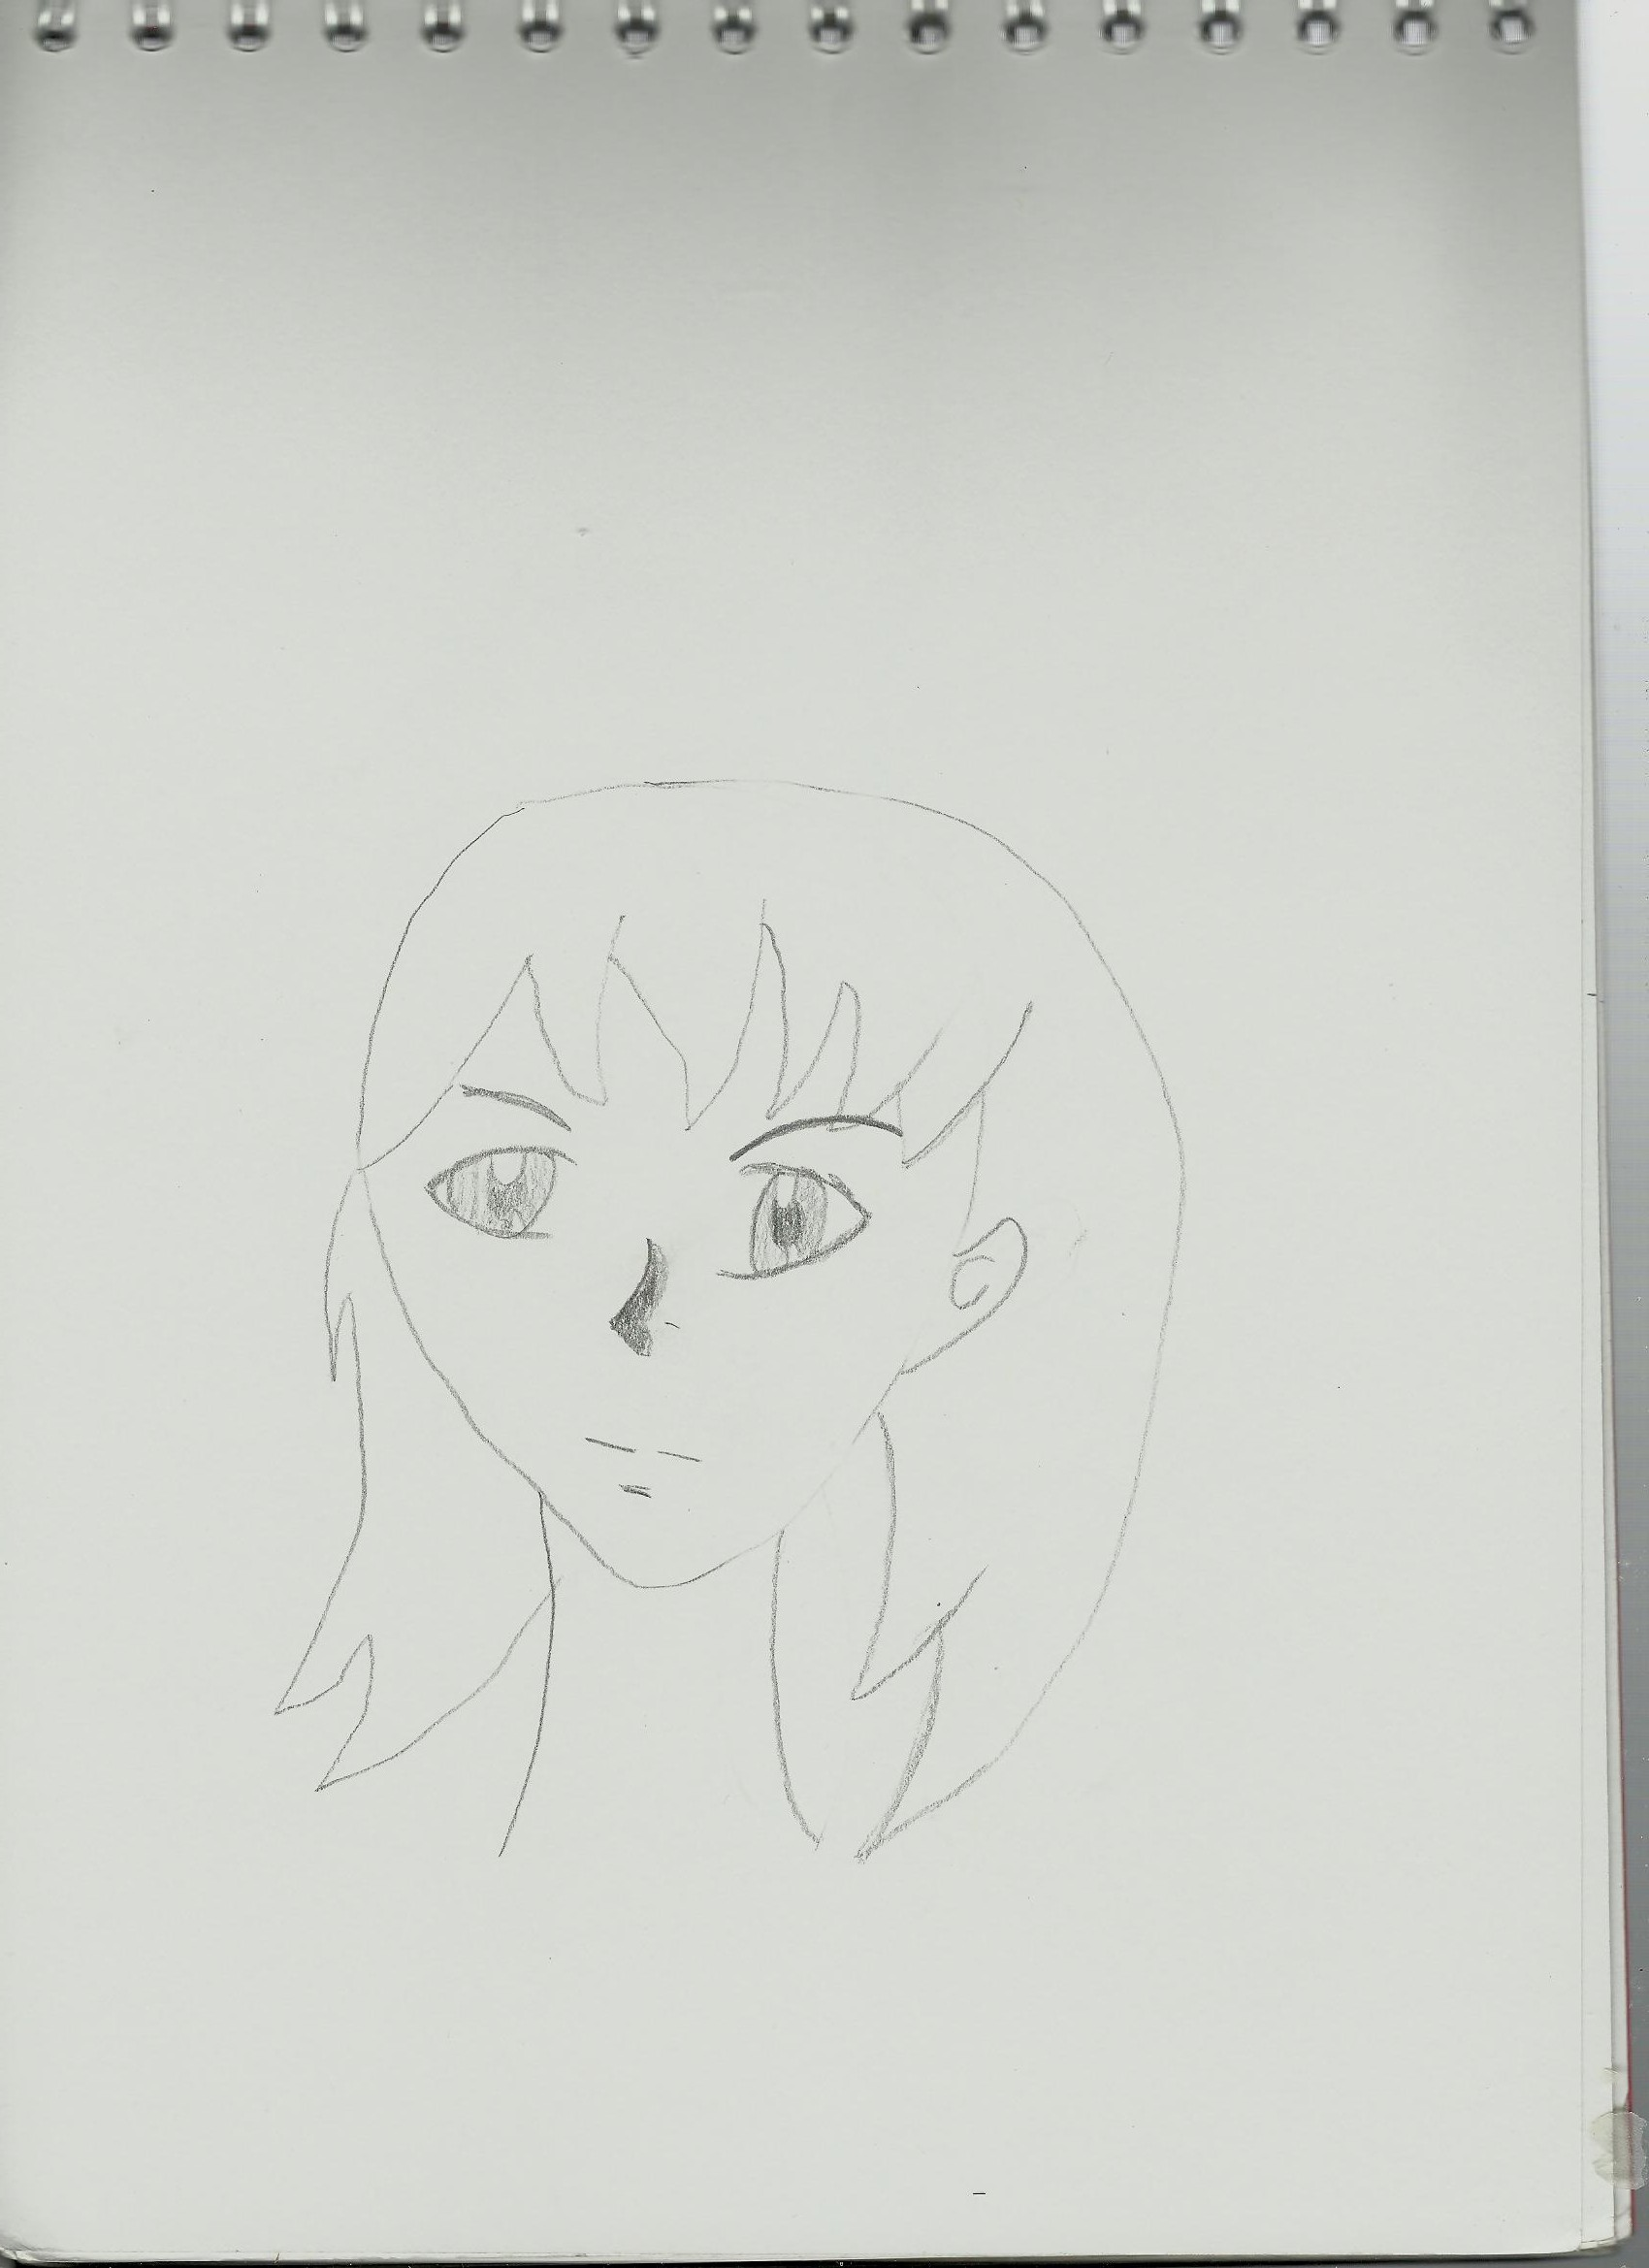 Manganime 3 by Jaffa6